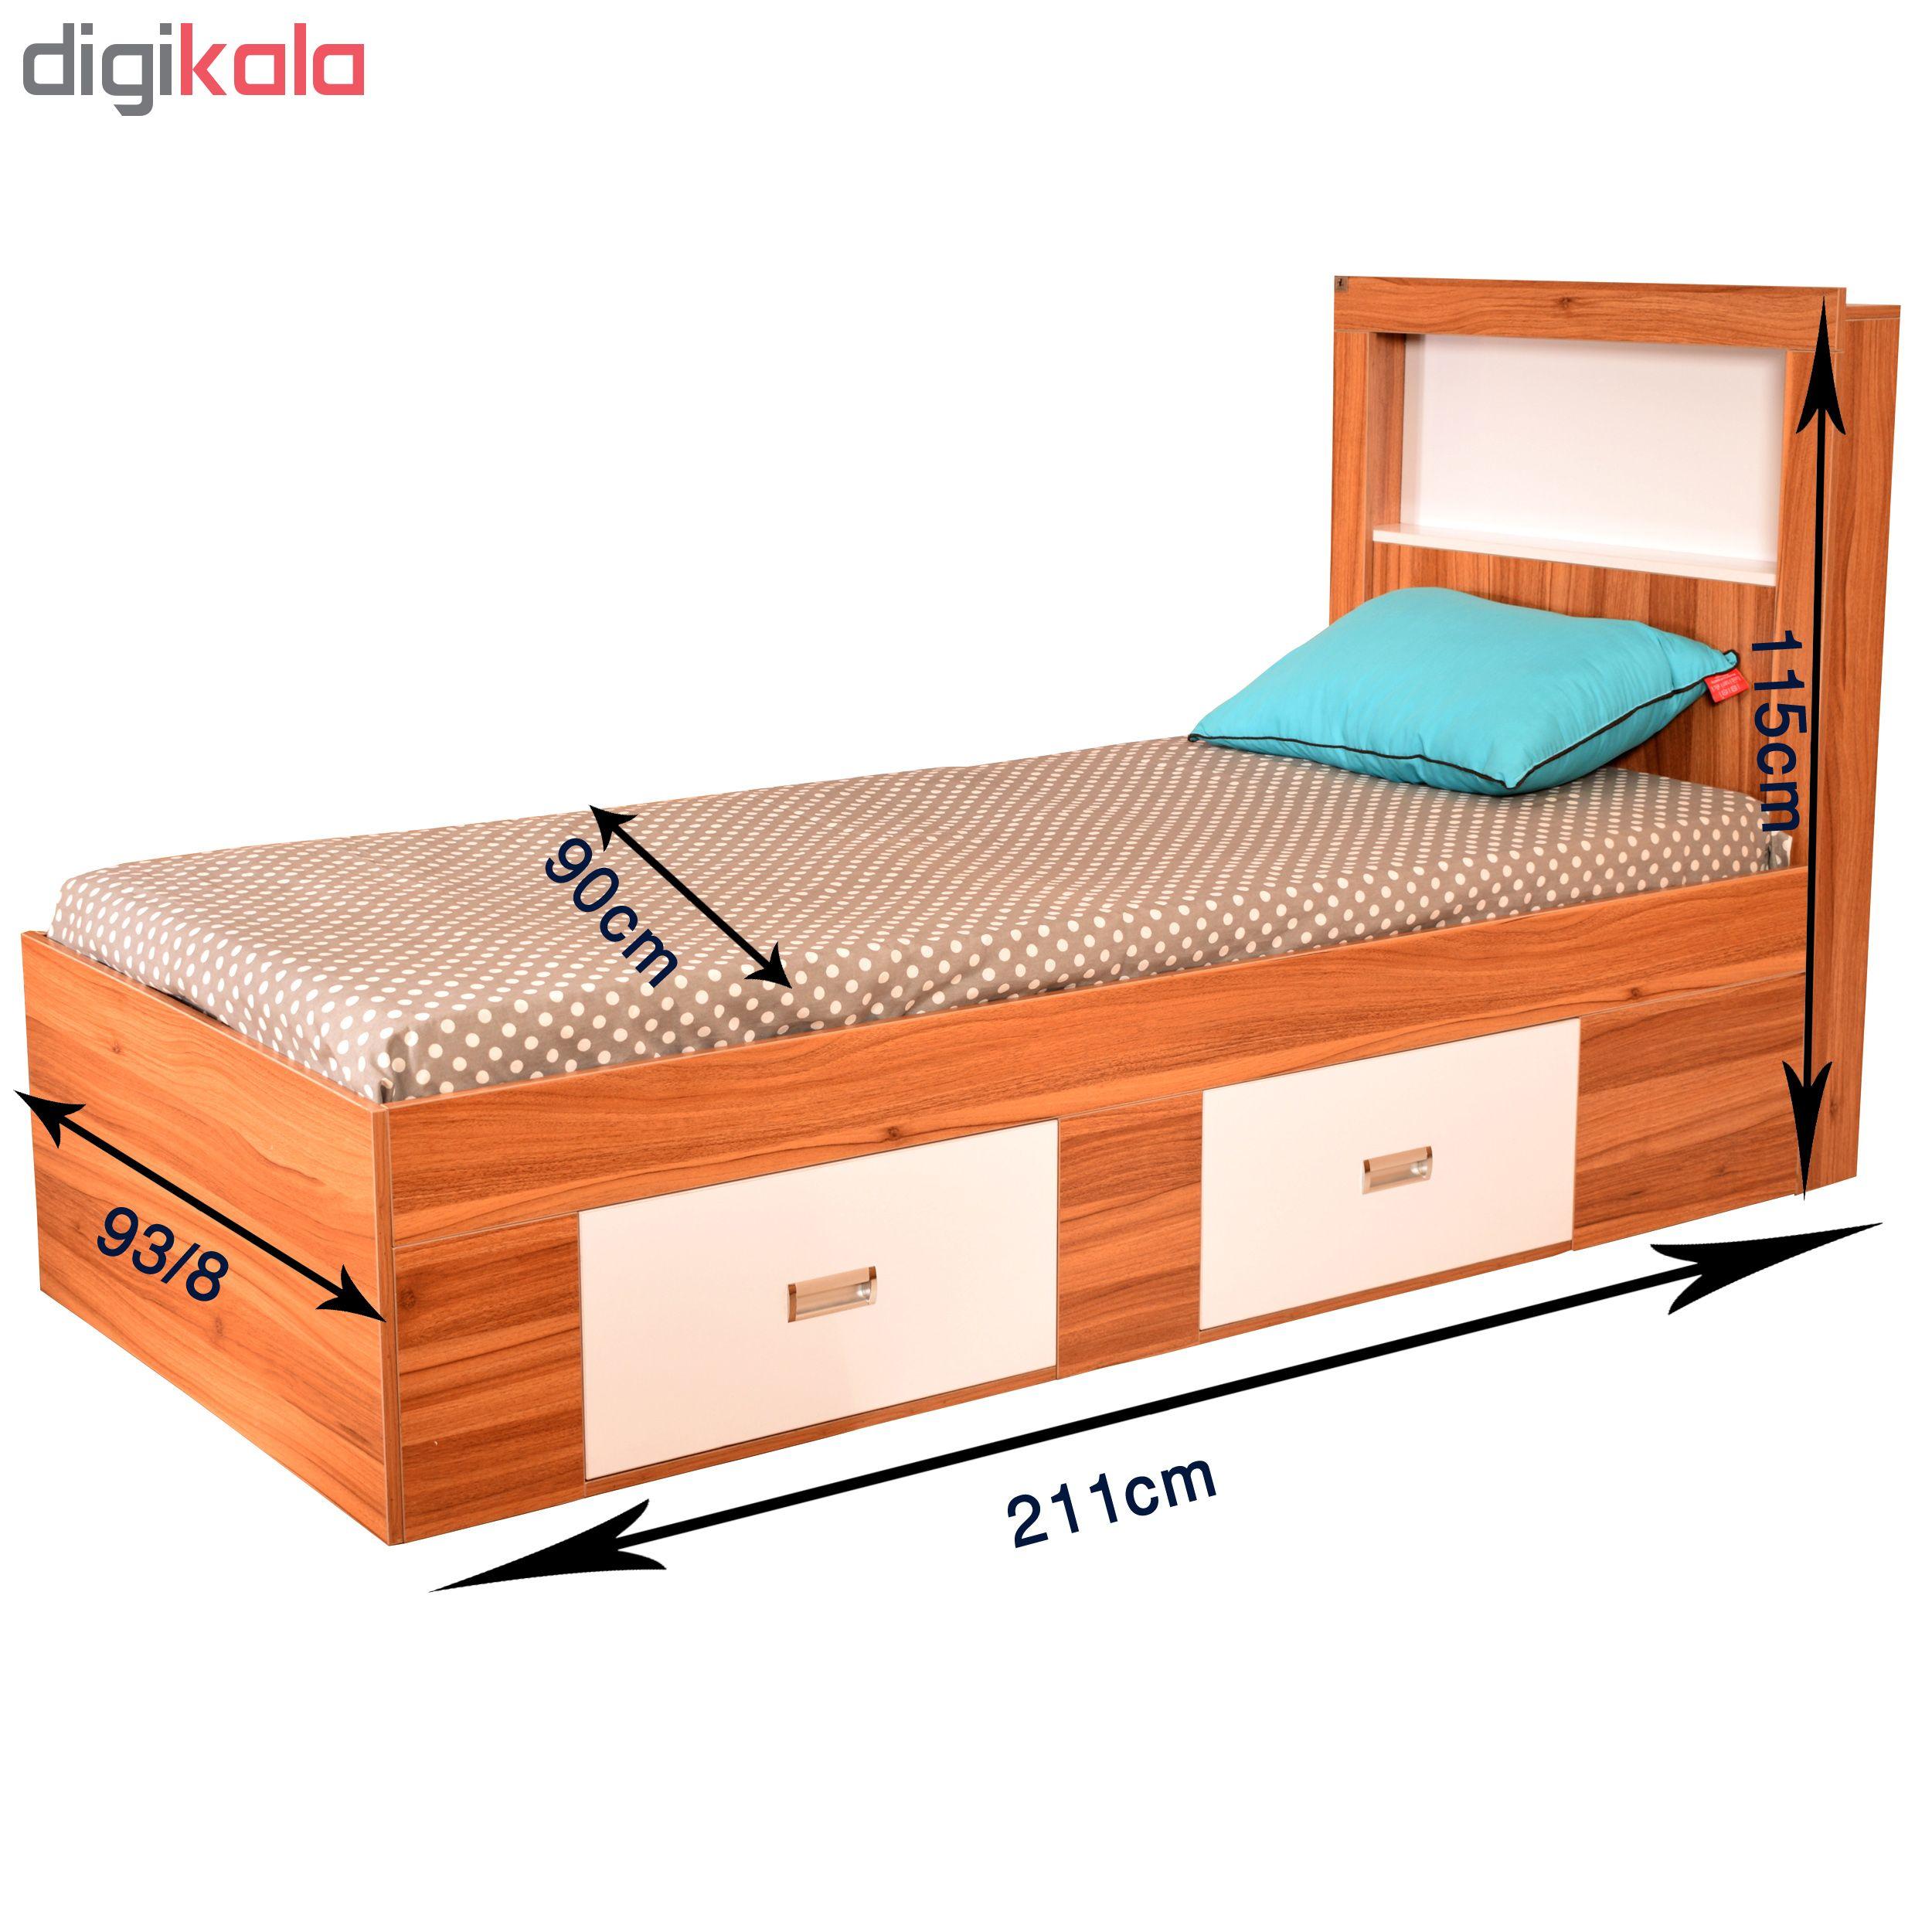 تخت خواب یک نفره لمکده مدل دلارا سایز 211*94 سانتی متر main 1 3